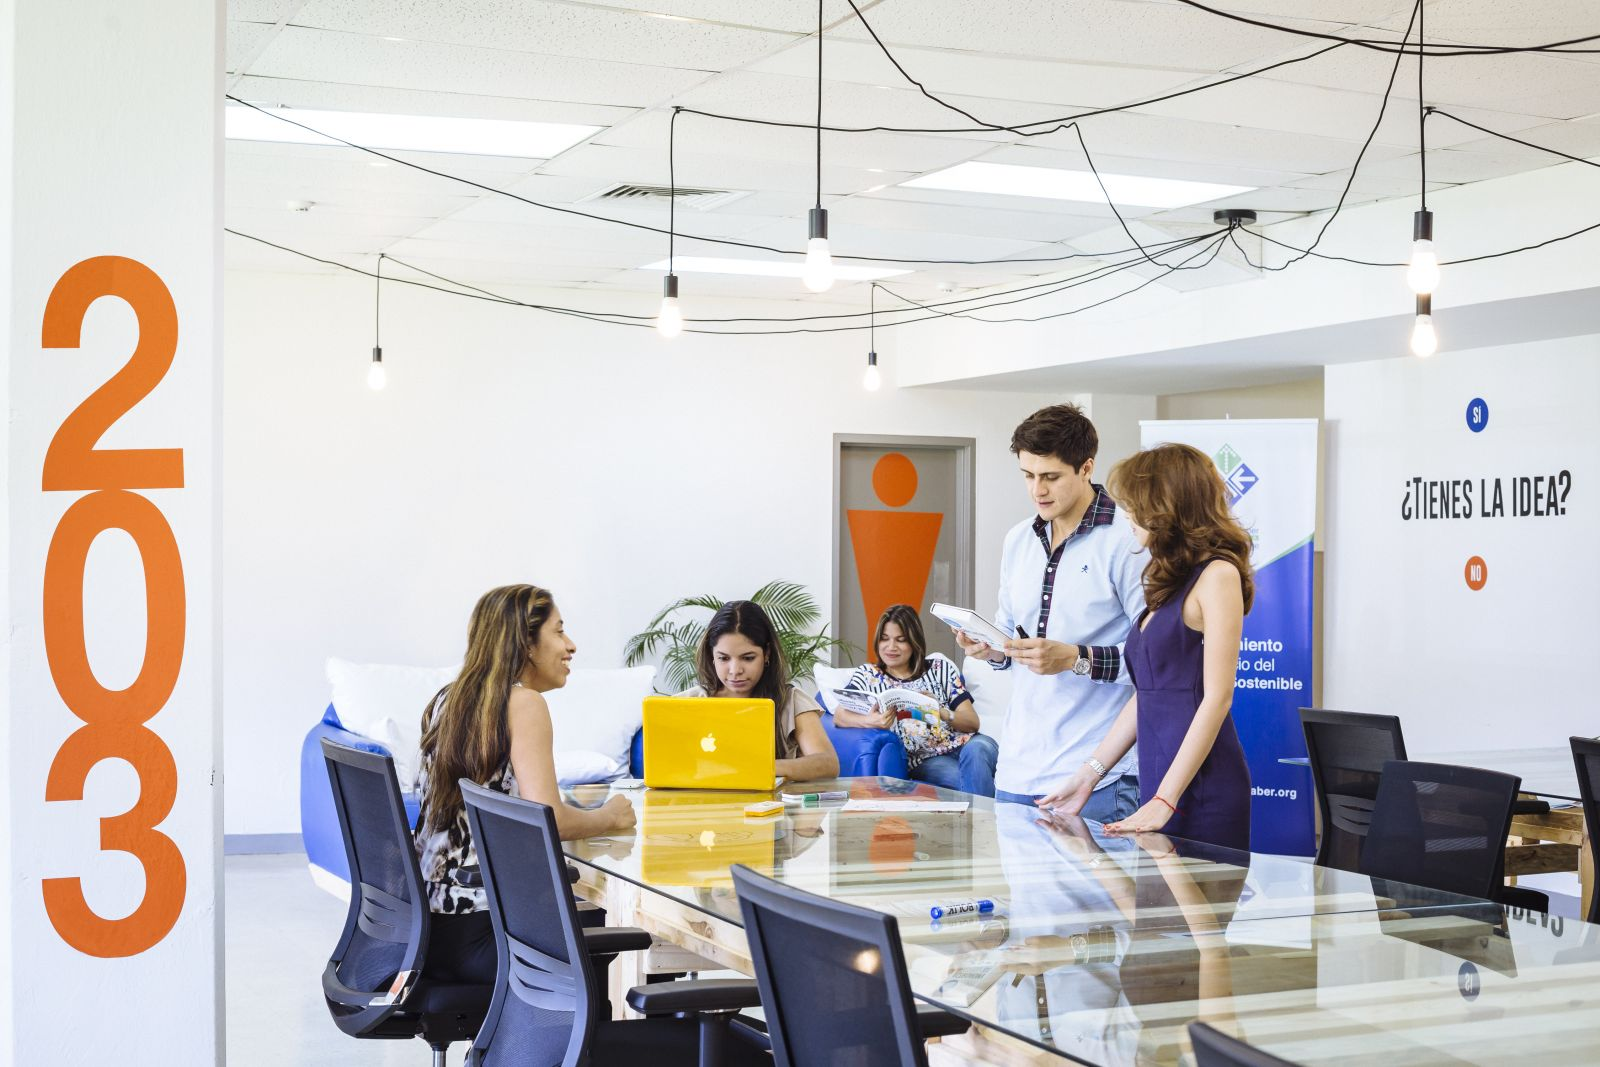 Centro de Innovación Panamá, Panama City - Read Reviews & Book Online